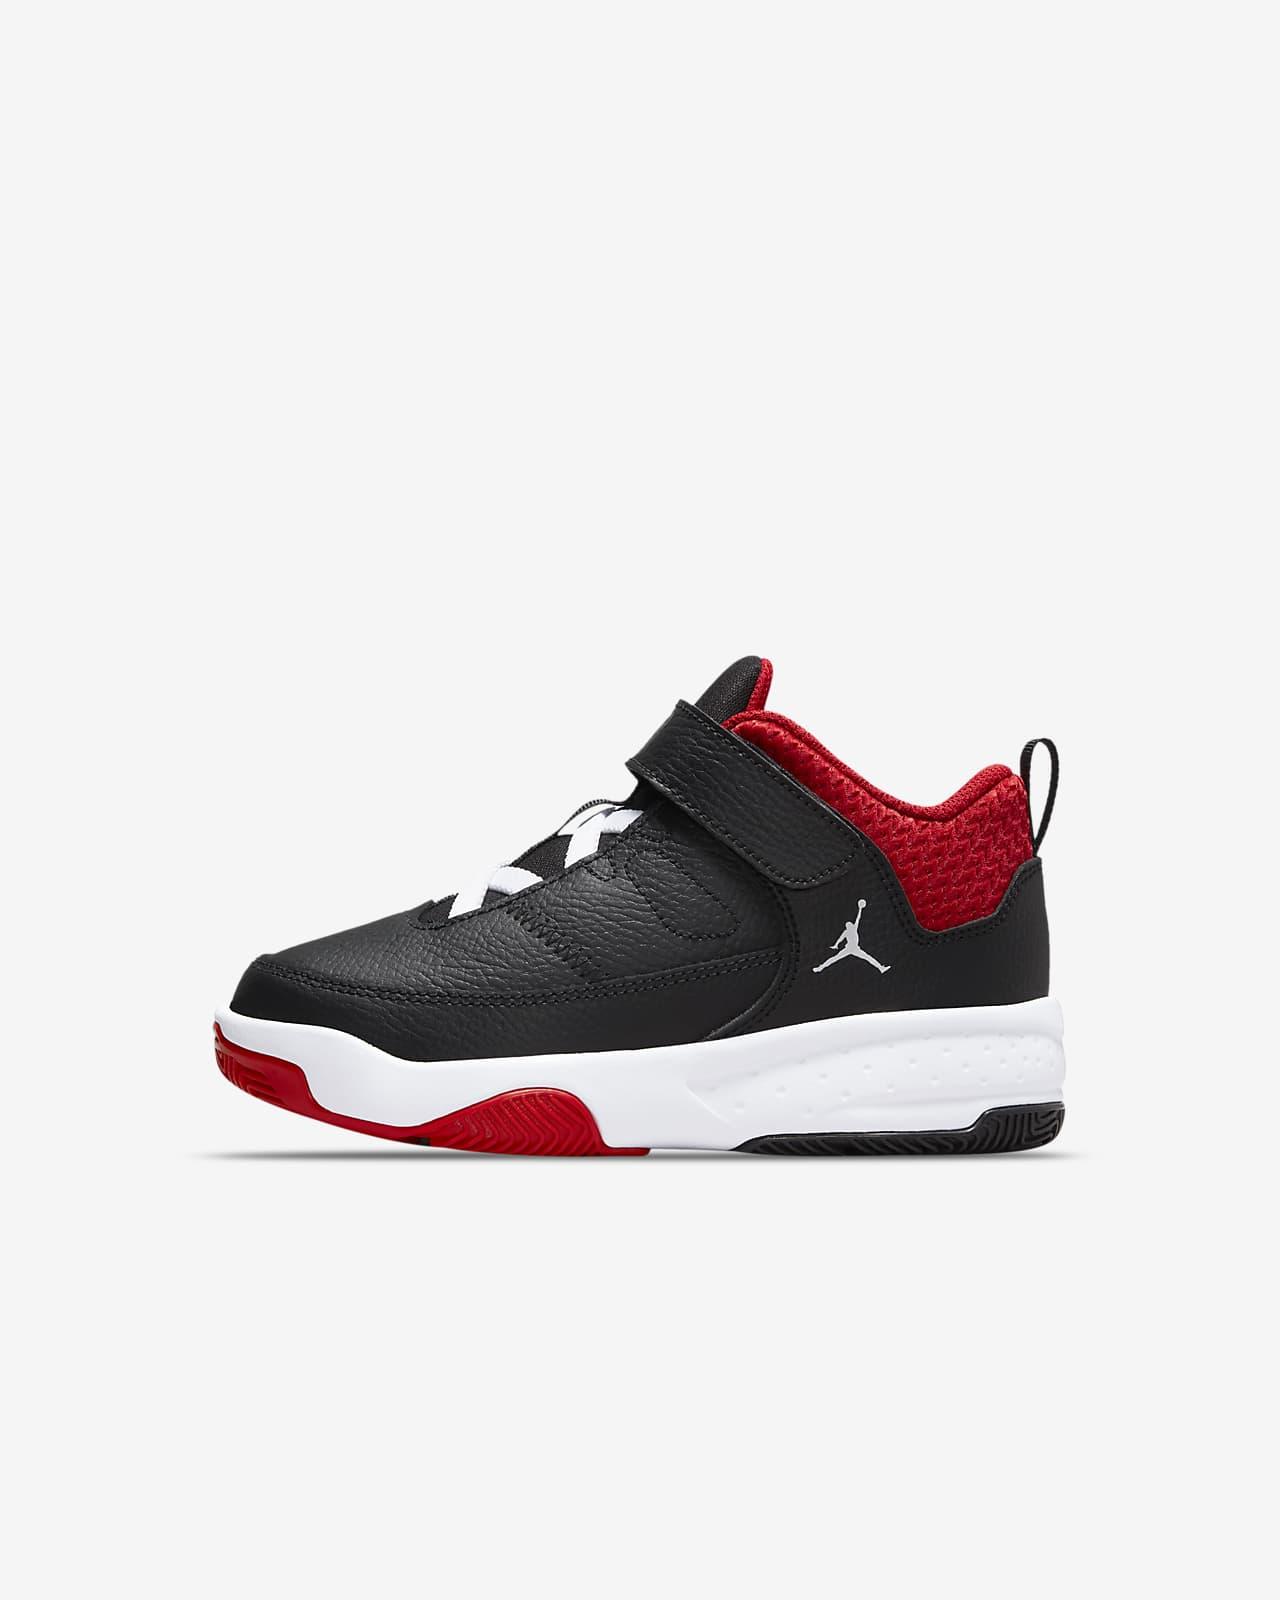 Chaussure Jordan Max Aura 3 pour Jeune enfant